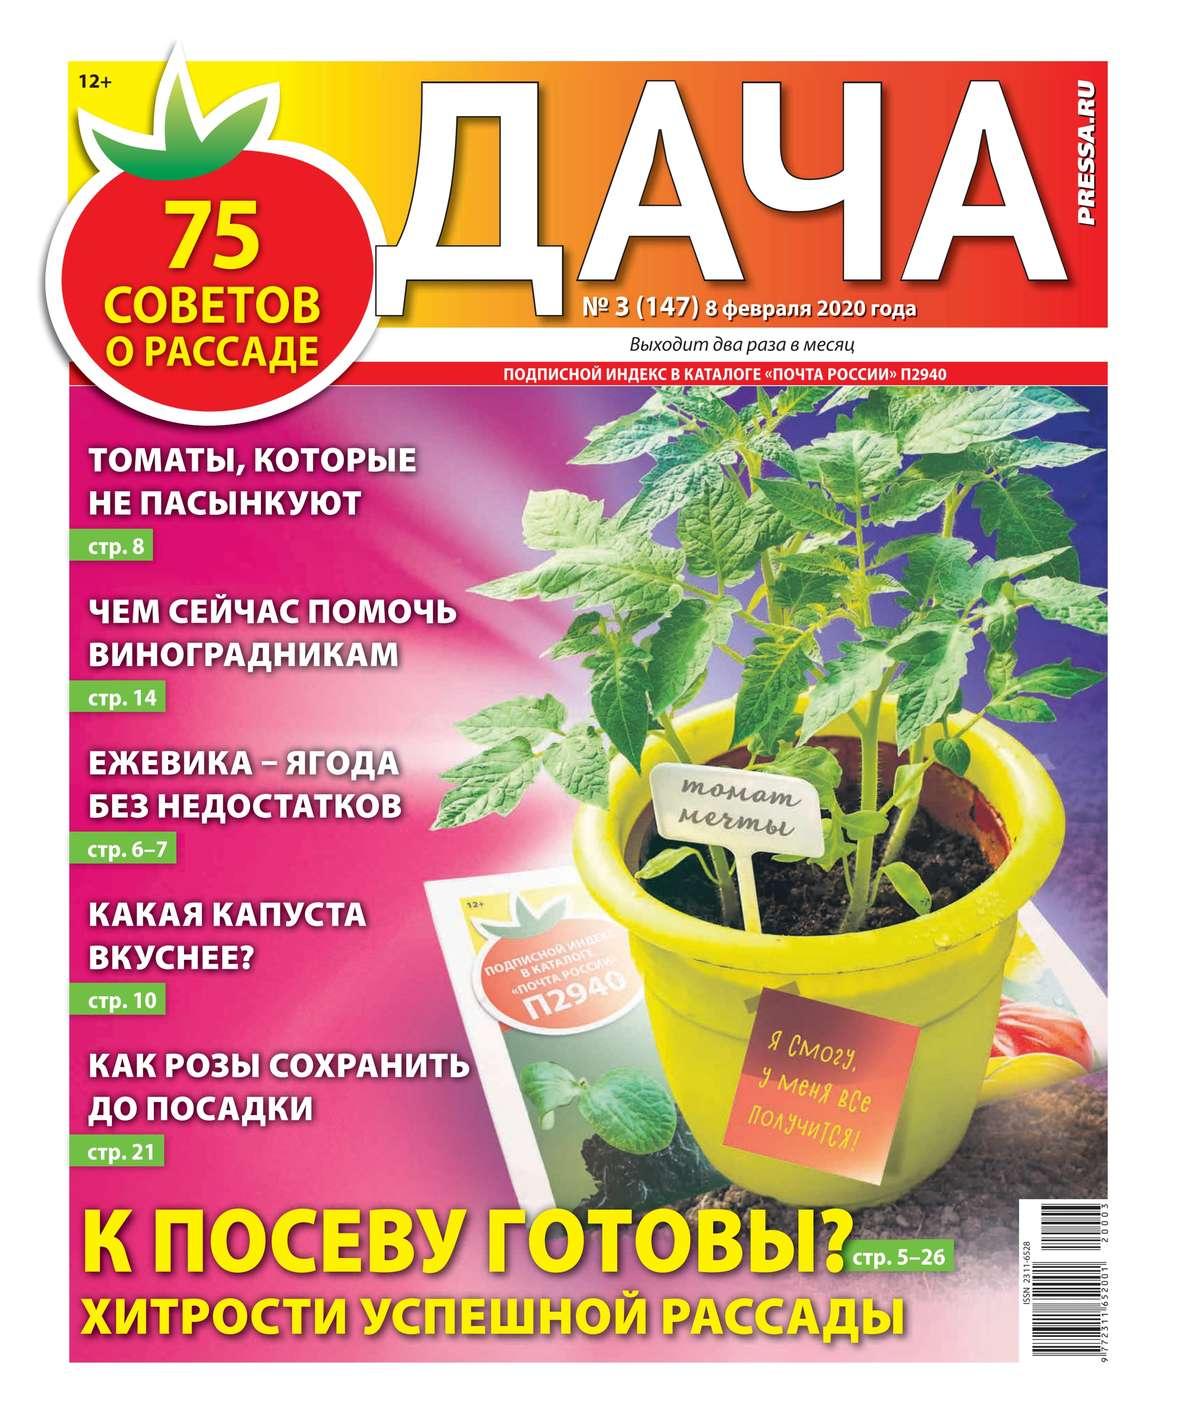 Купить книгу Дача Pressa.ru 03-2020, автора